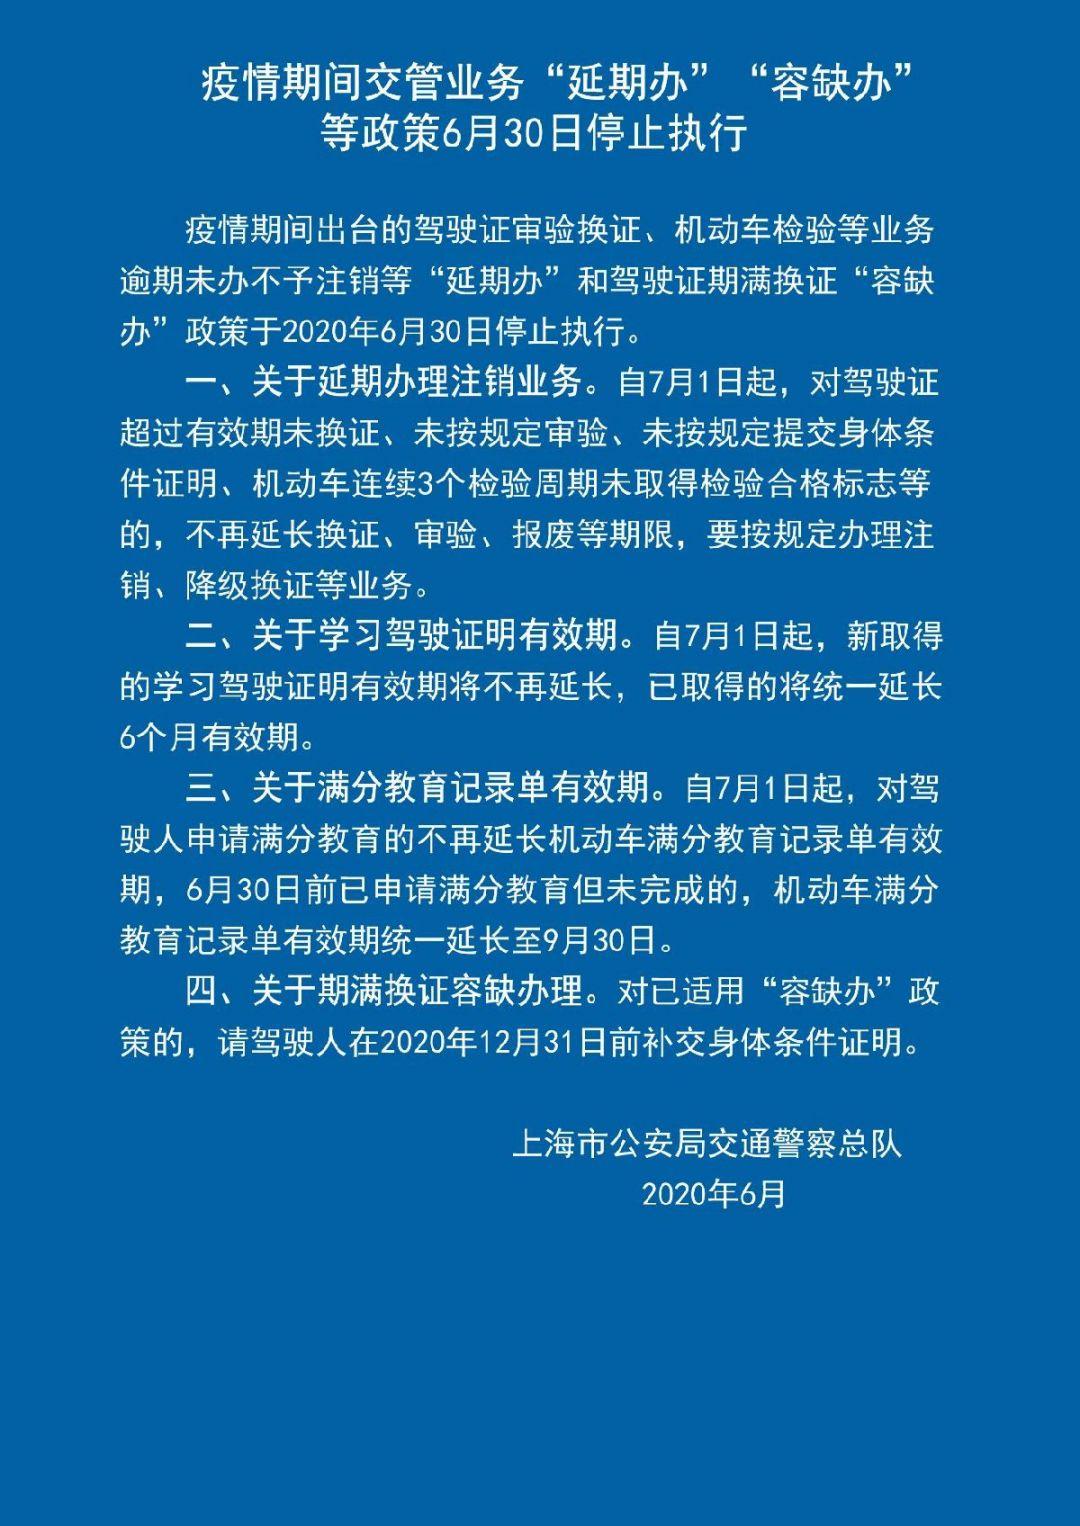 新葡新京交管业务延期办容缺办等政策6月30日停止实行